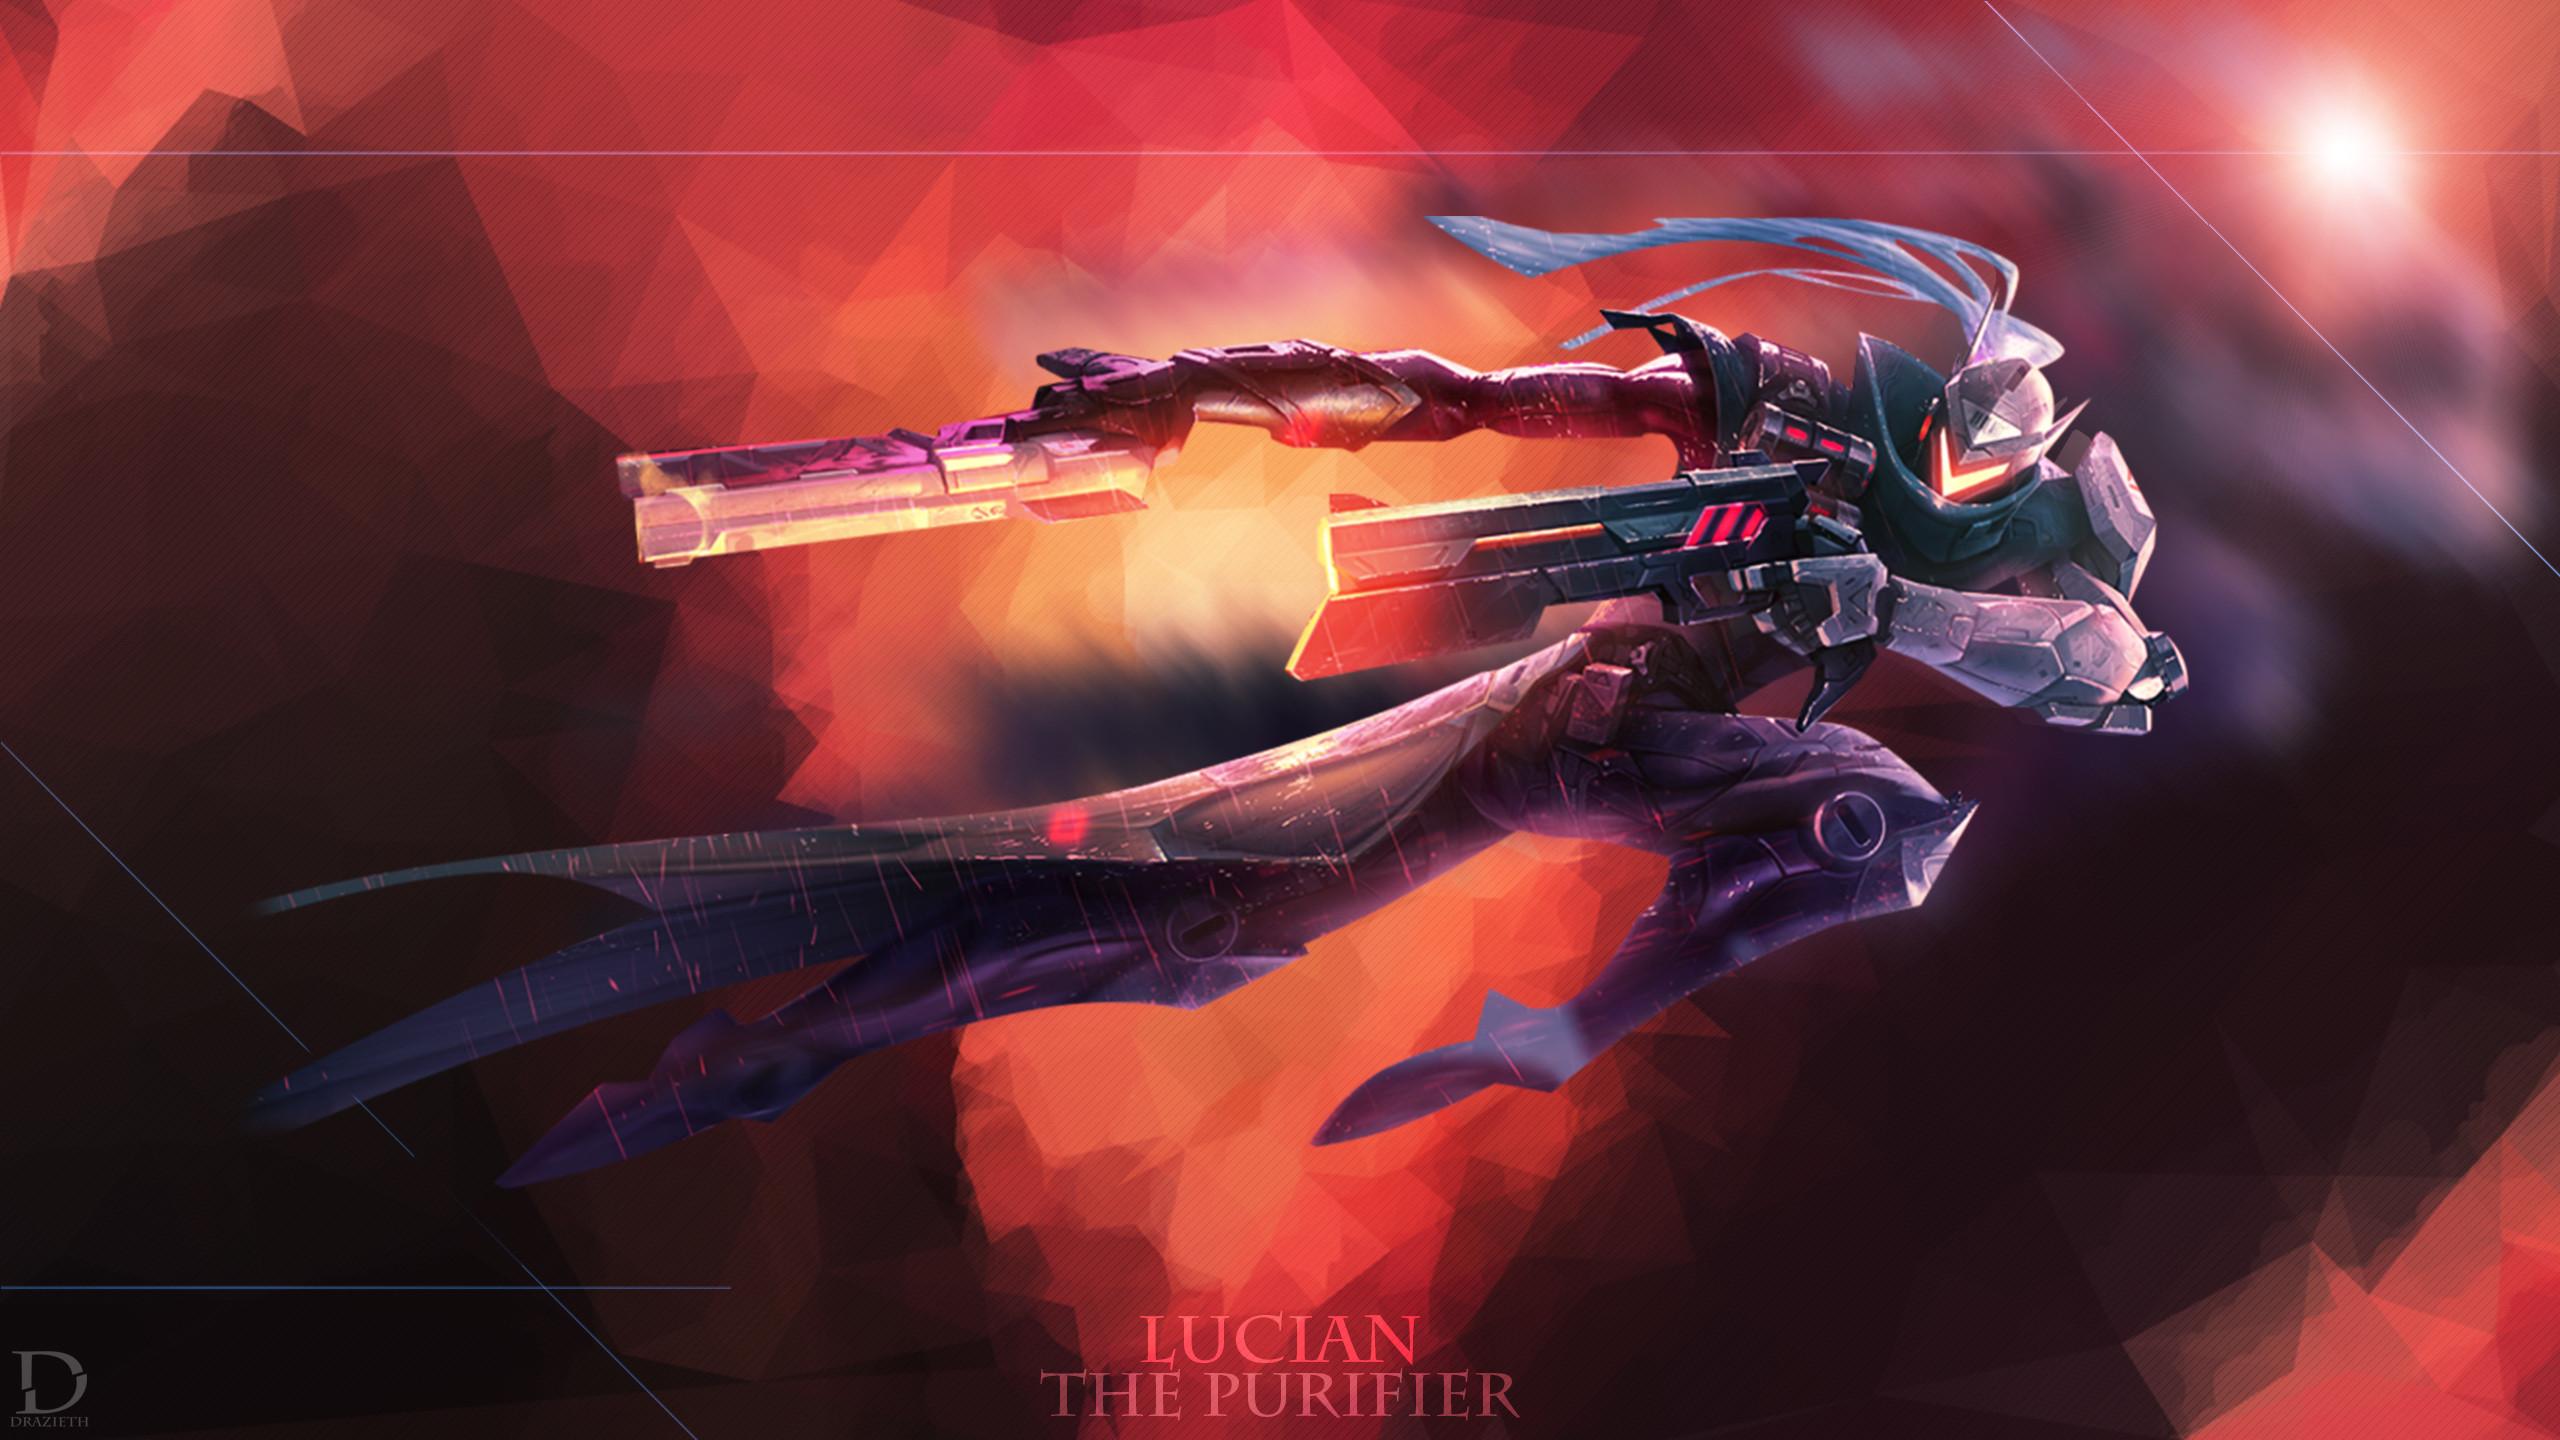 PROJECT Lucian by Drazieth HD Wallpaper Fan Art Artwork League of Legends  lol